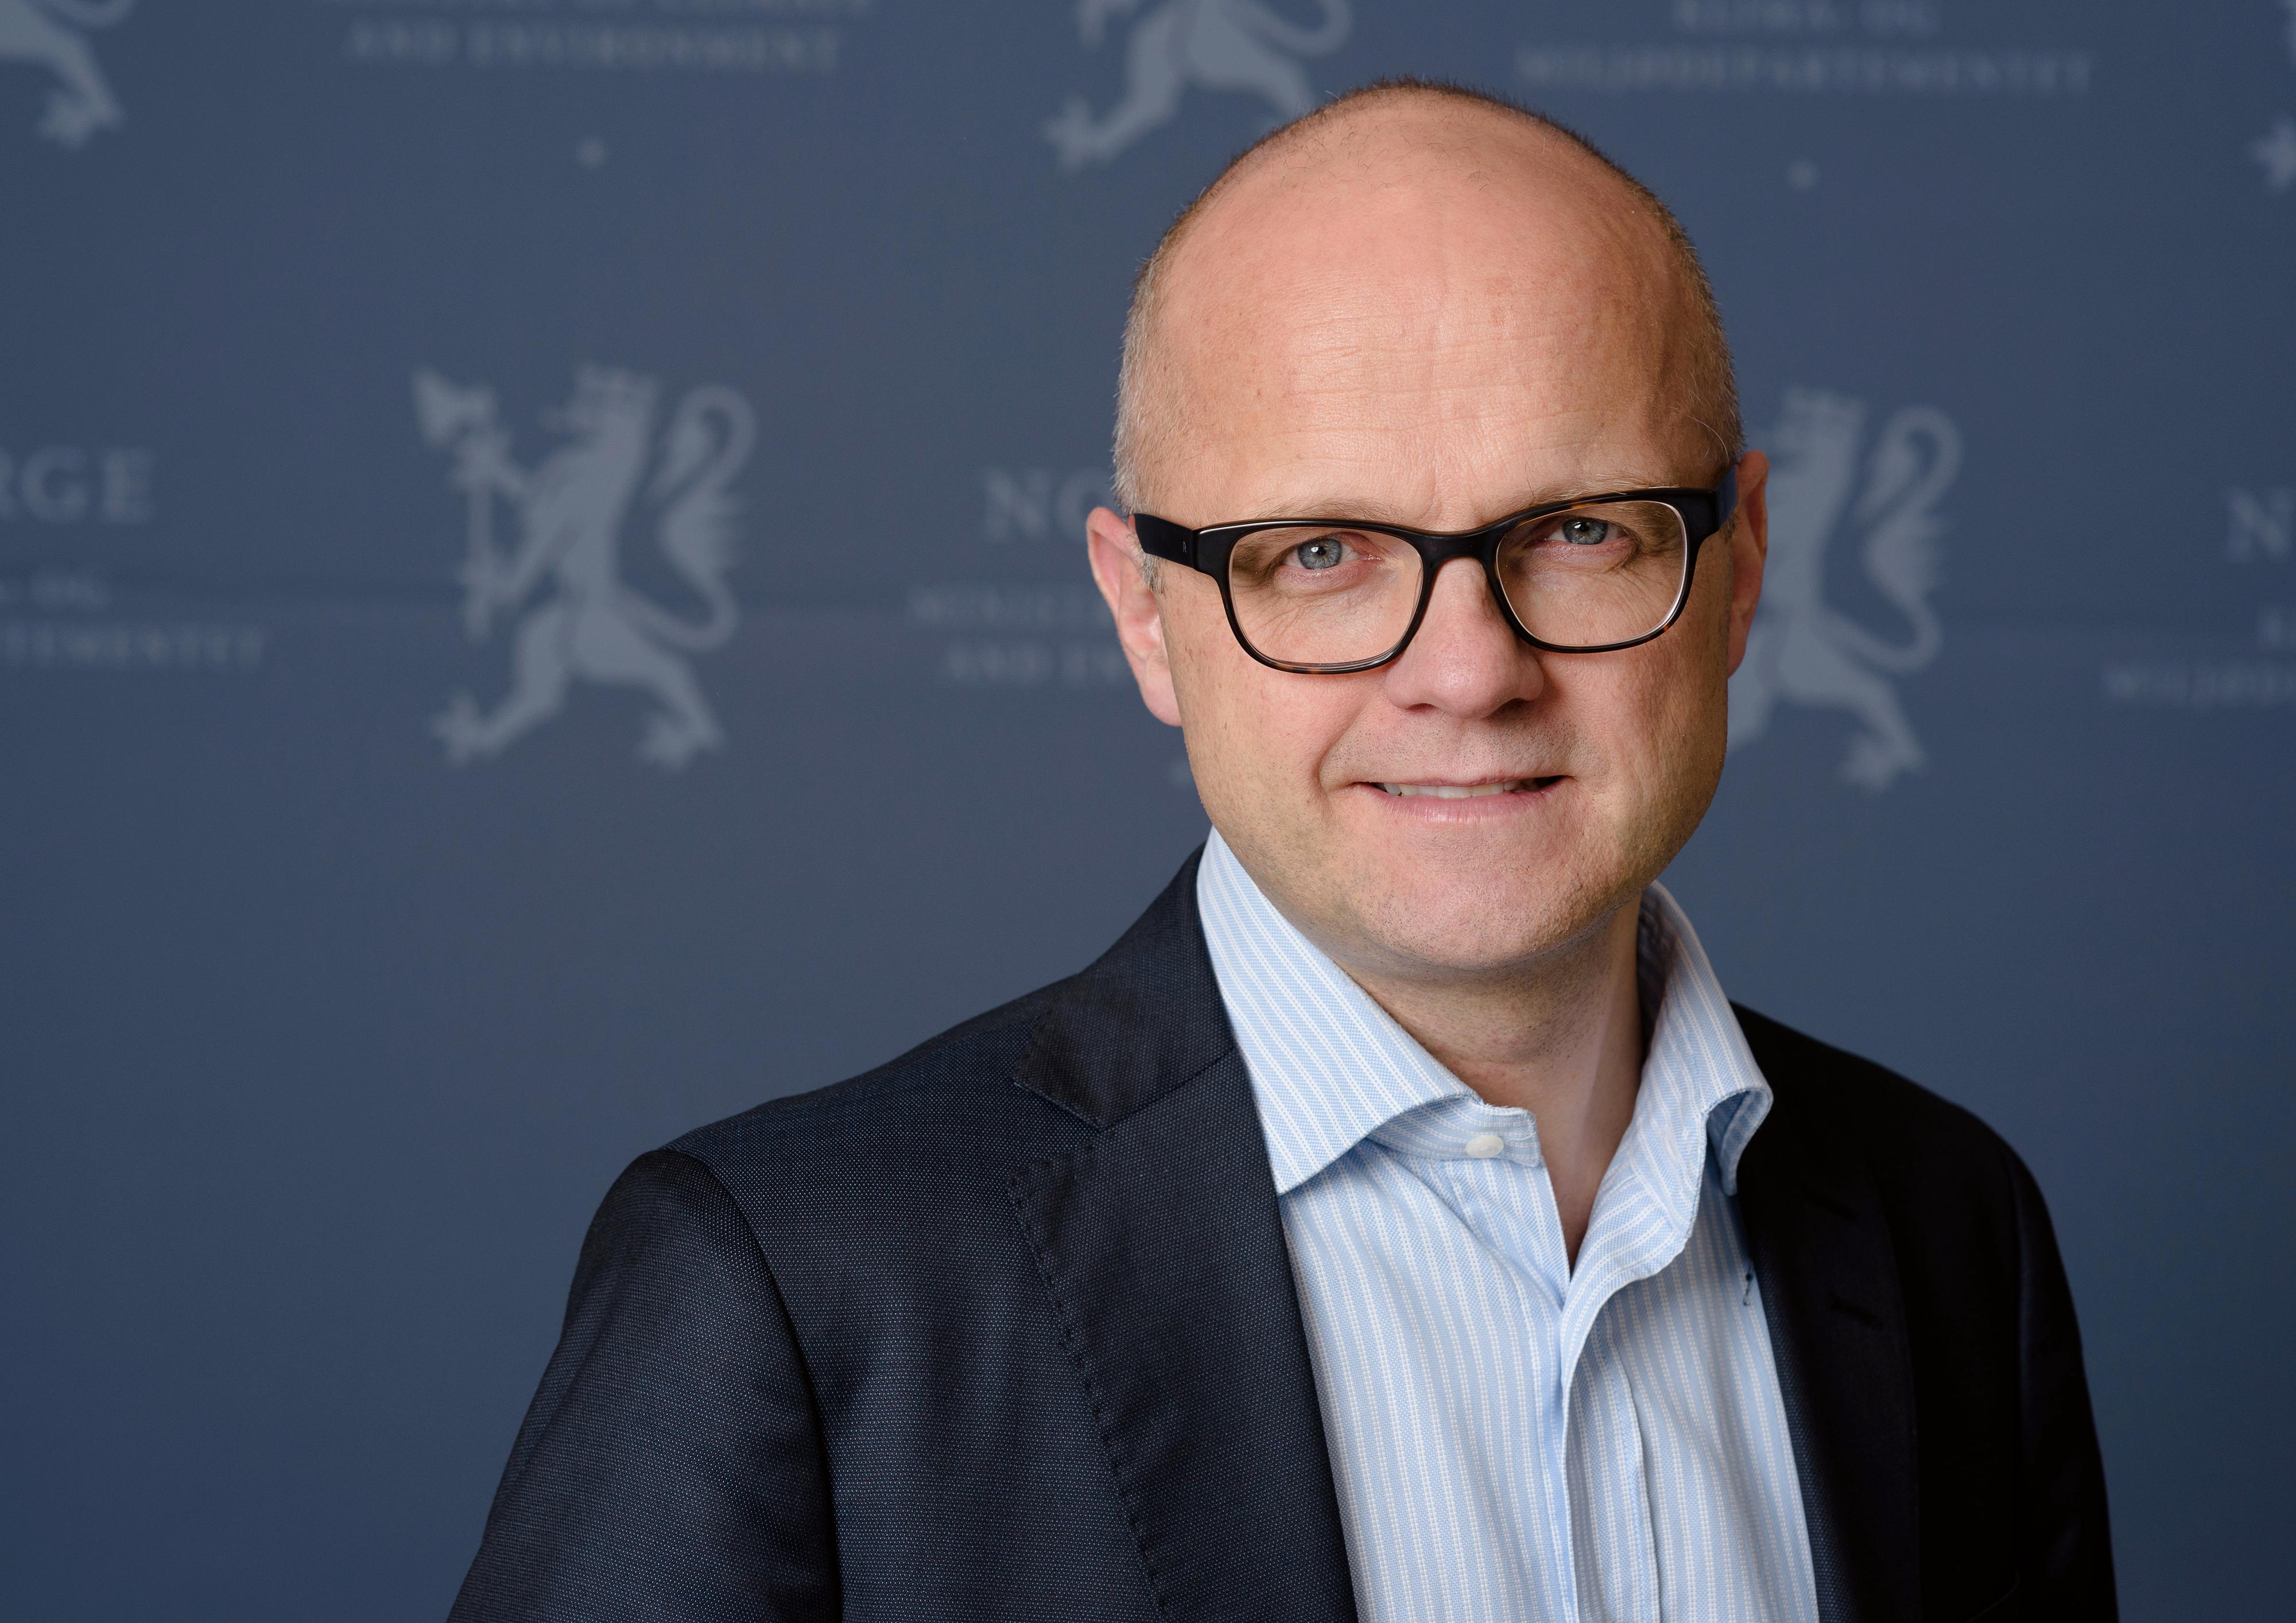 Klima- og miljøminister Vidar Helgesen forteller at det ikke er aktuelt med noen ny avgift på elektronikk i Norge.